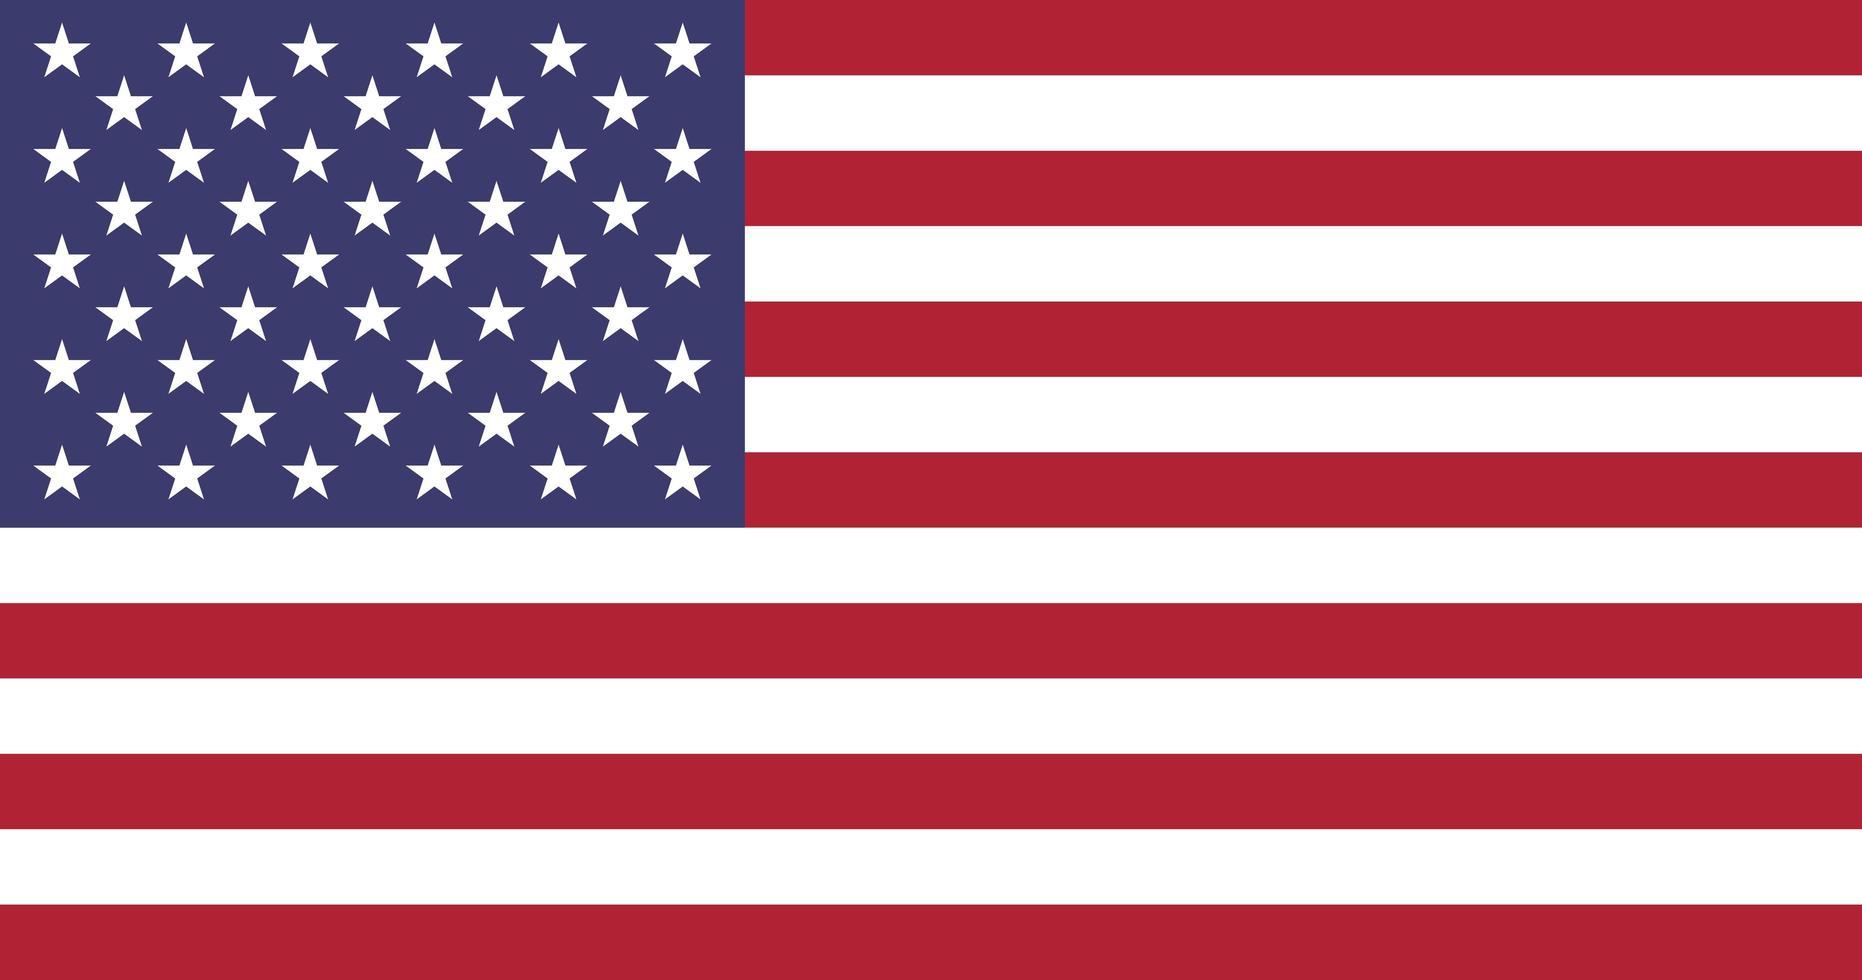 bandera de estados unidos aislado vector